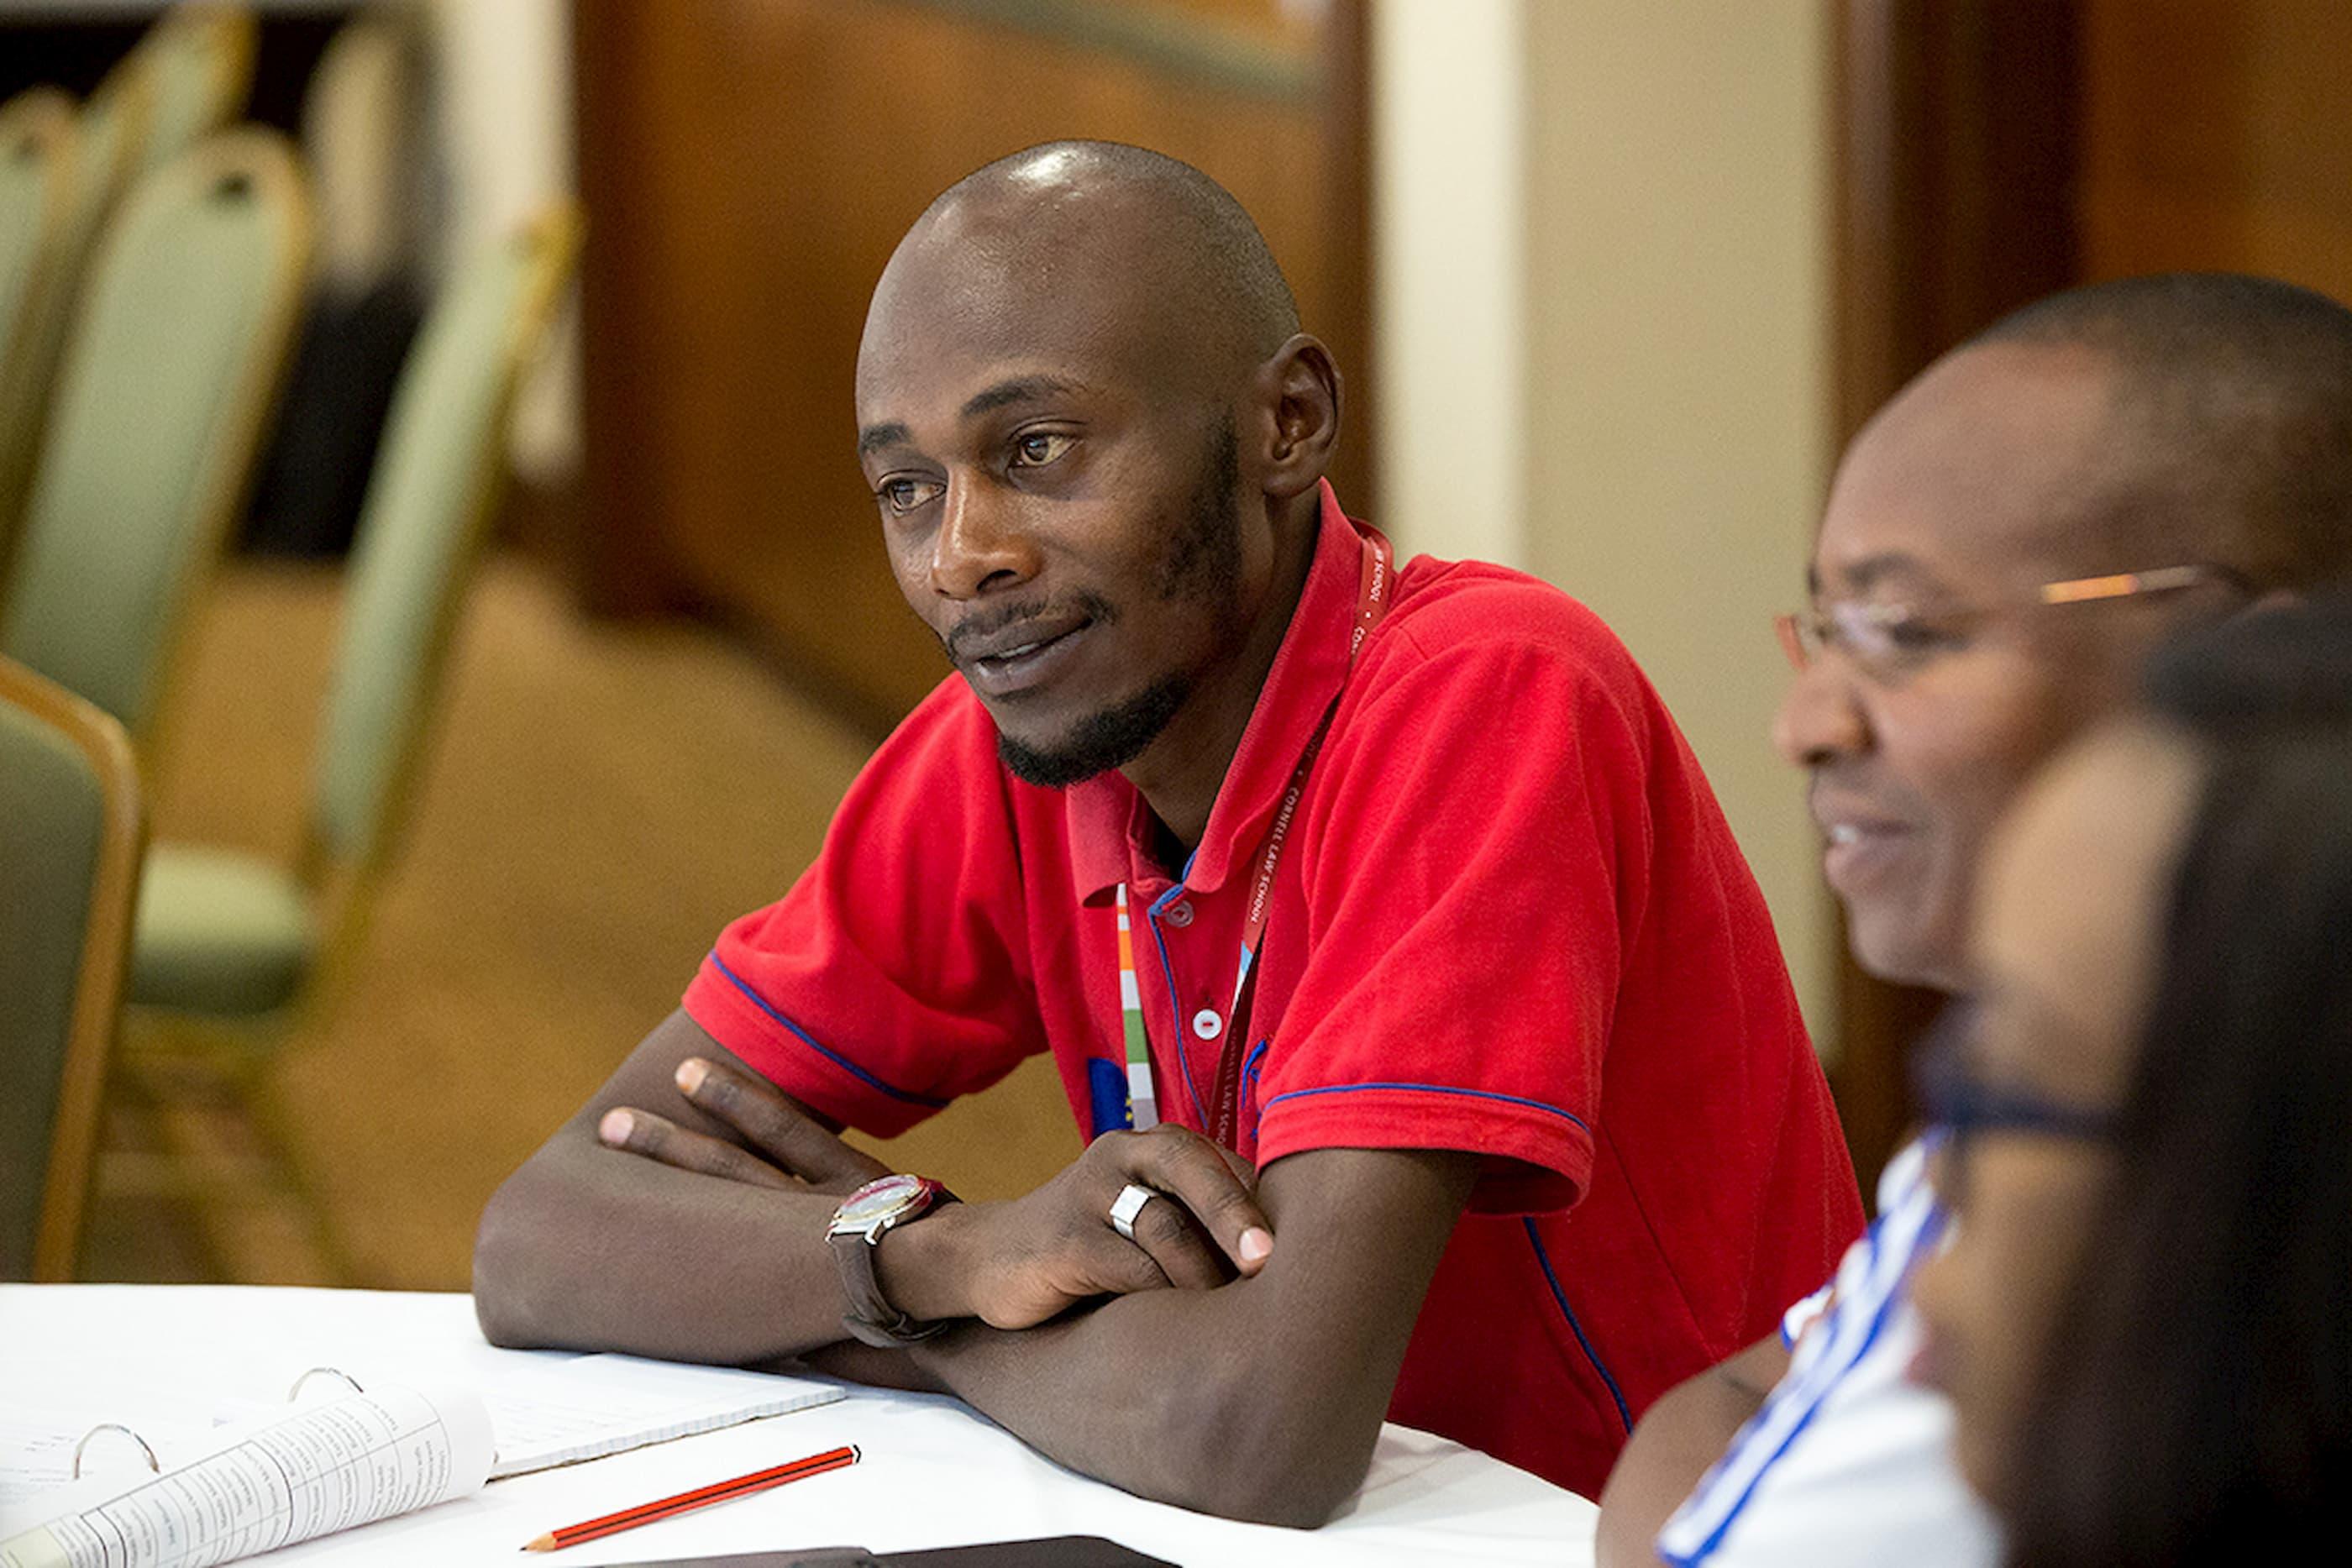 Un homme en chemise rouge est assis à une table et regarde à la gauche.